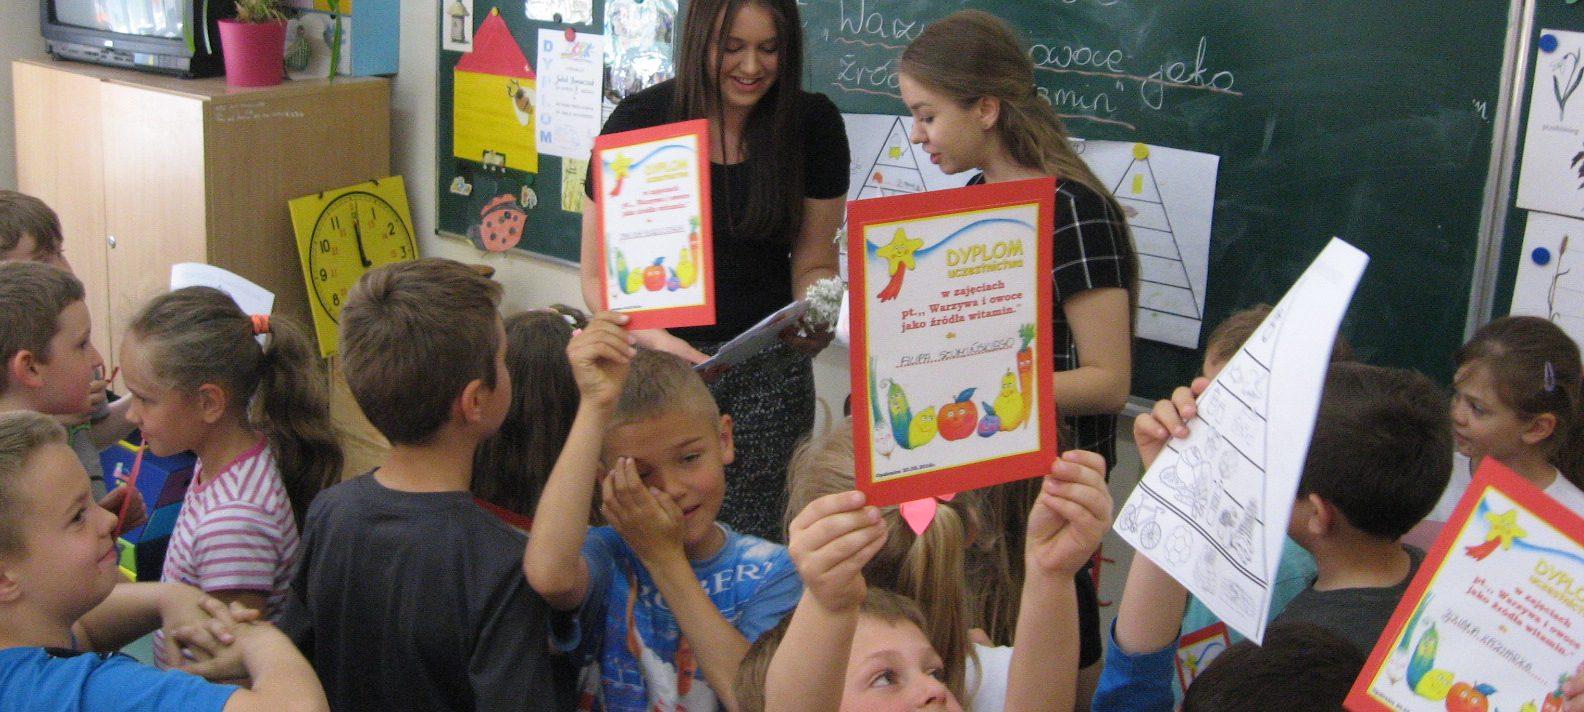 Uczniowie klasy 2e uczestniczyli w zajęciach na temat zdrowego żywienia